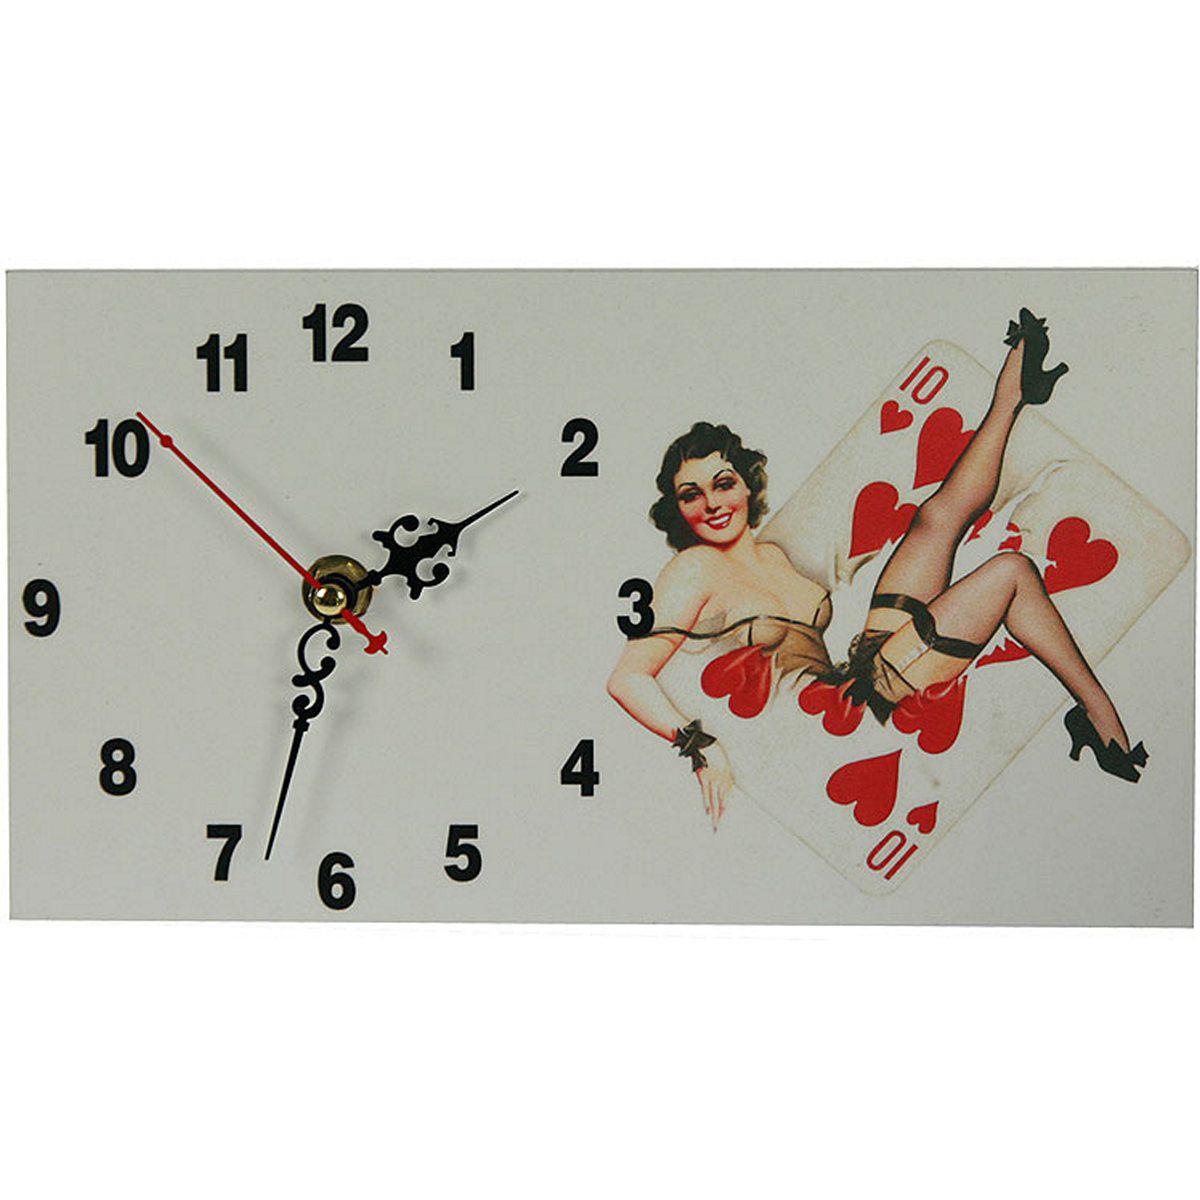 Часы настольные Русские Подарки Пин-ап, 13 х 23 см. 3823238232Настольные кварцевые часы Русские Подарки Пин-ап изготовлены из МДФ. Изделие оригинально оформлено изображением девушки в стиле Пин-ап. Часы имеют три стрелки - часовую, минутную и секундную. Такие часы украсят интерьер дома или рабочий стол в офисе. Также часы могут стать уникальным, полезным подарком для родственников, коллег, знакомых и близких. Часы работают от батареек типа АА (в комплект не входят).